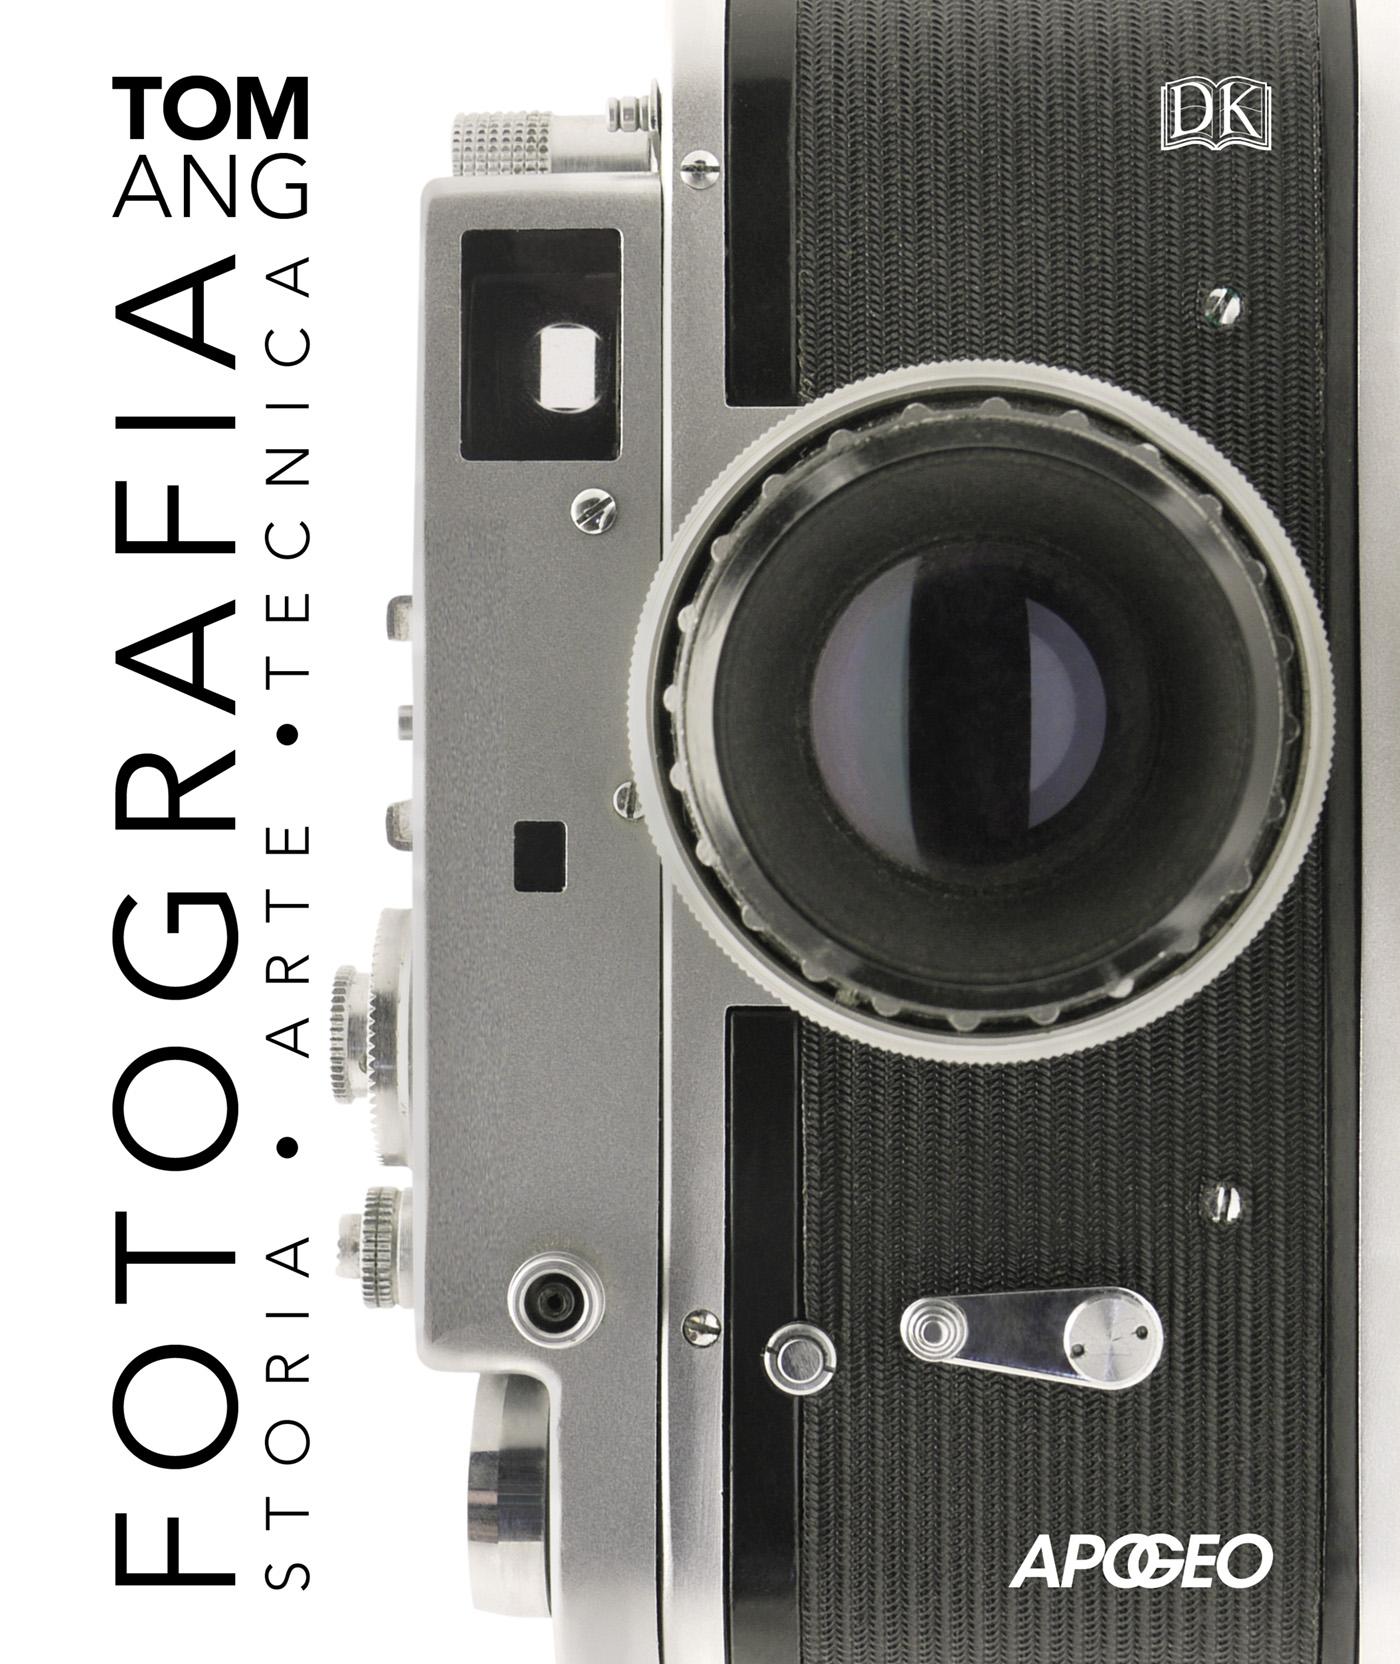 fotografia-storia-arte-tecnica-tom-ang